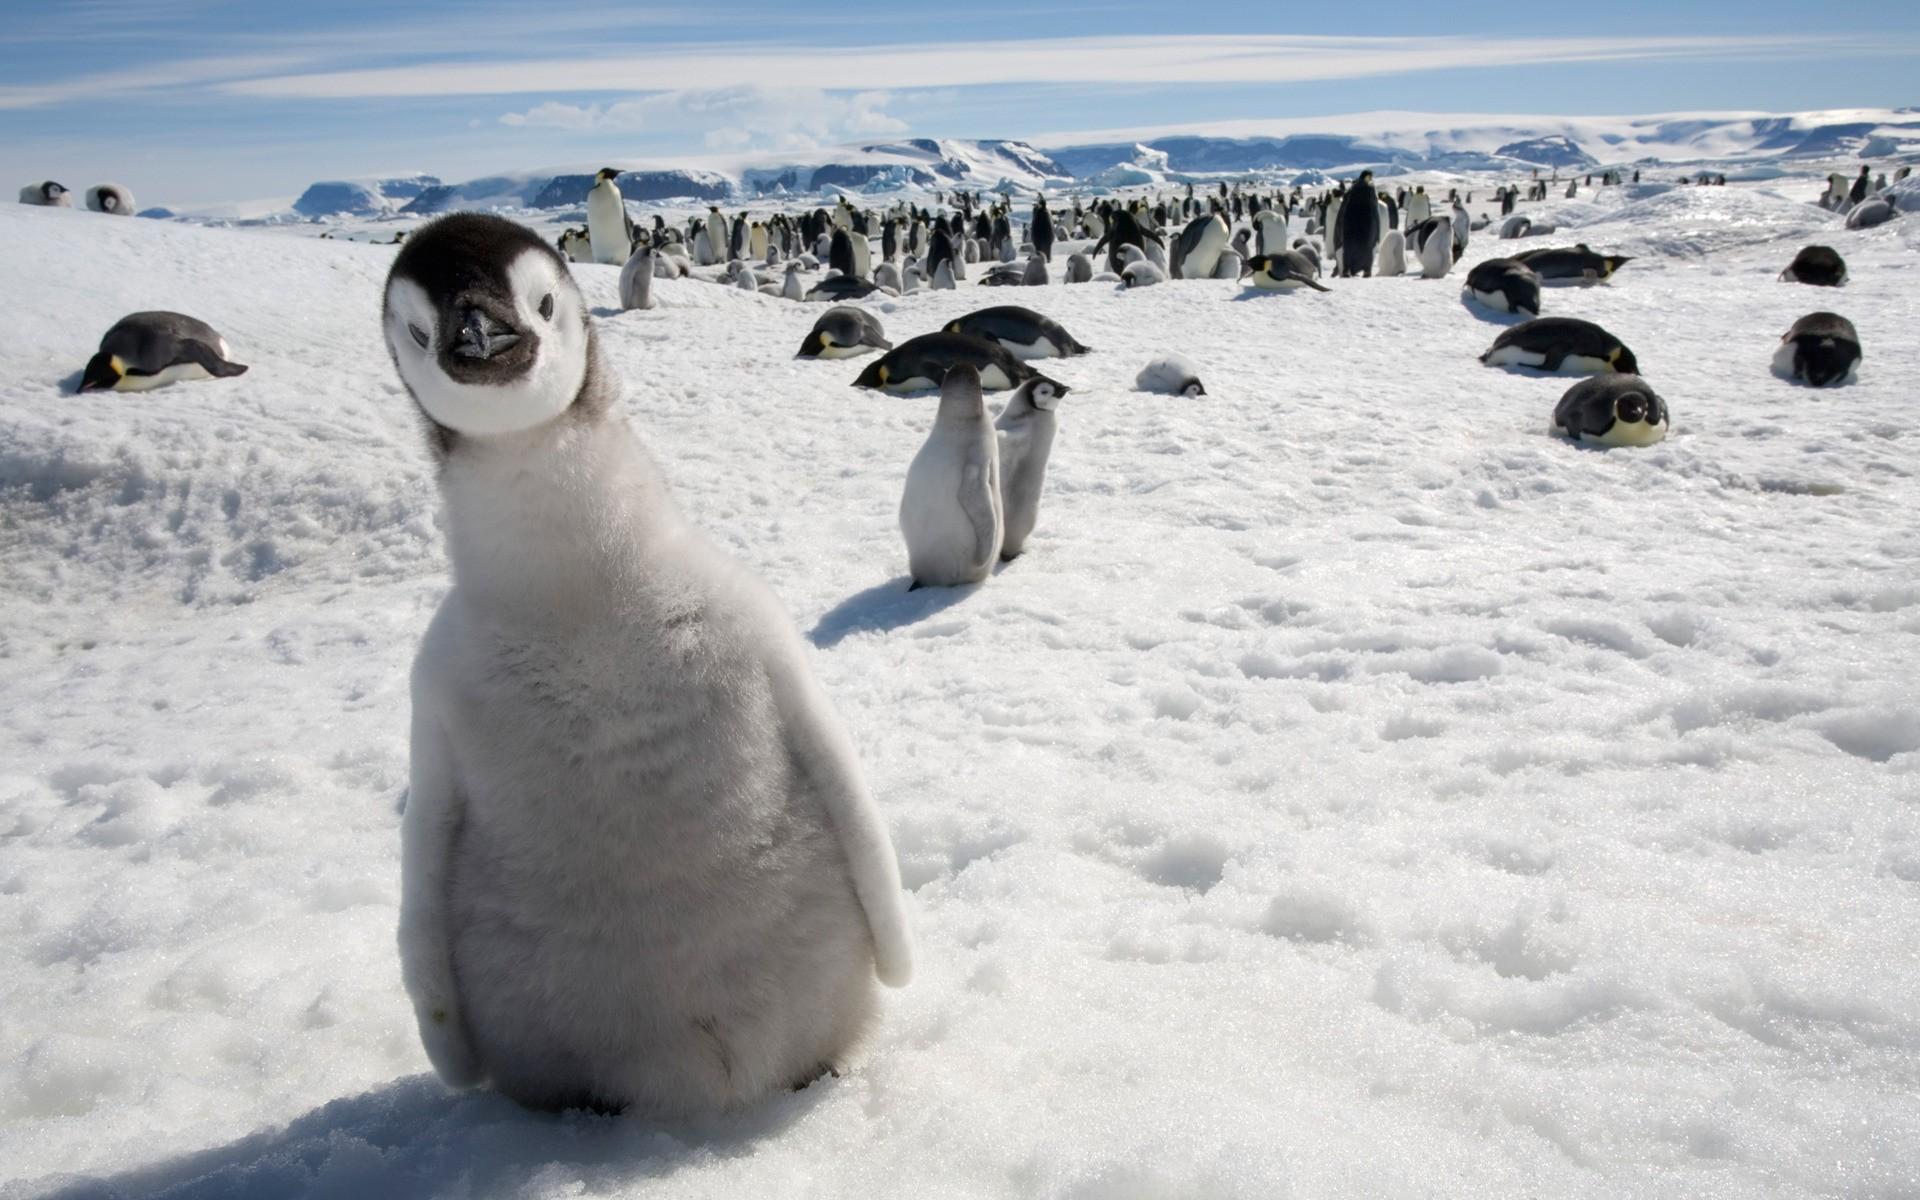 Pinguinos en la nieve - 1920x1200